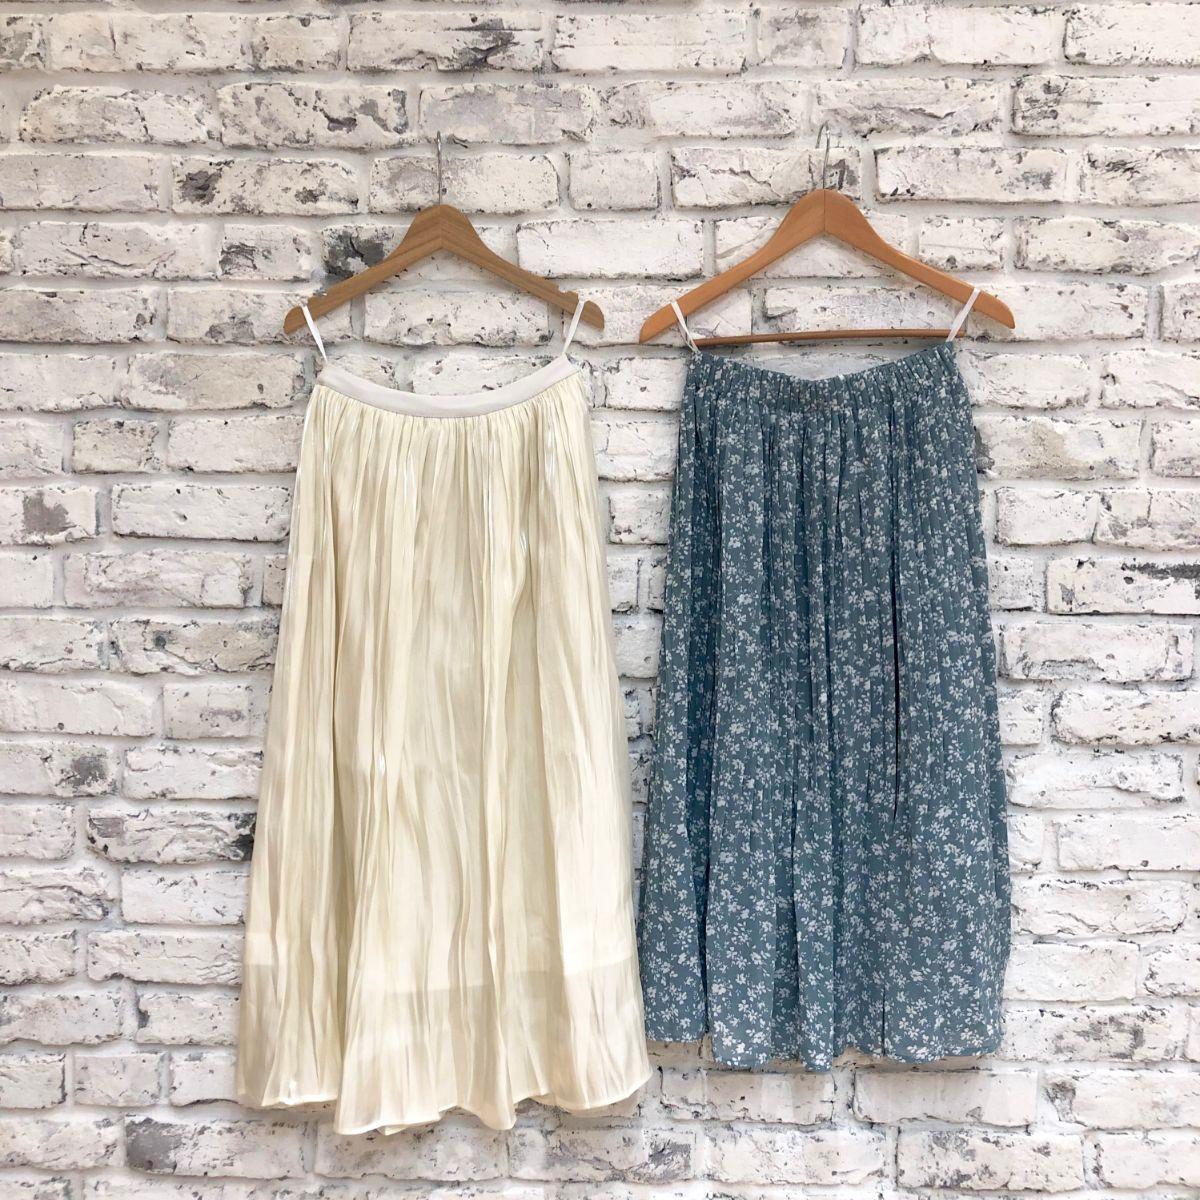 プチプラ通販GRLのスカートは高クオリティなのに2000円♩春コーデを華やかにしたいあなたにおすすめ♡